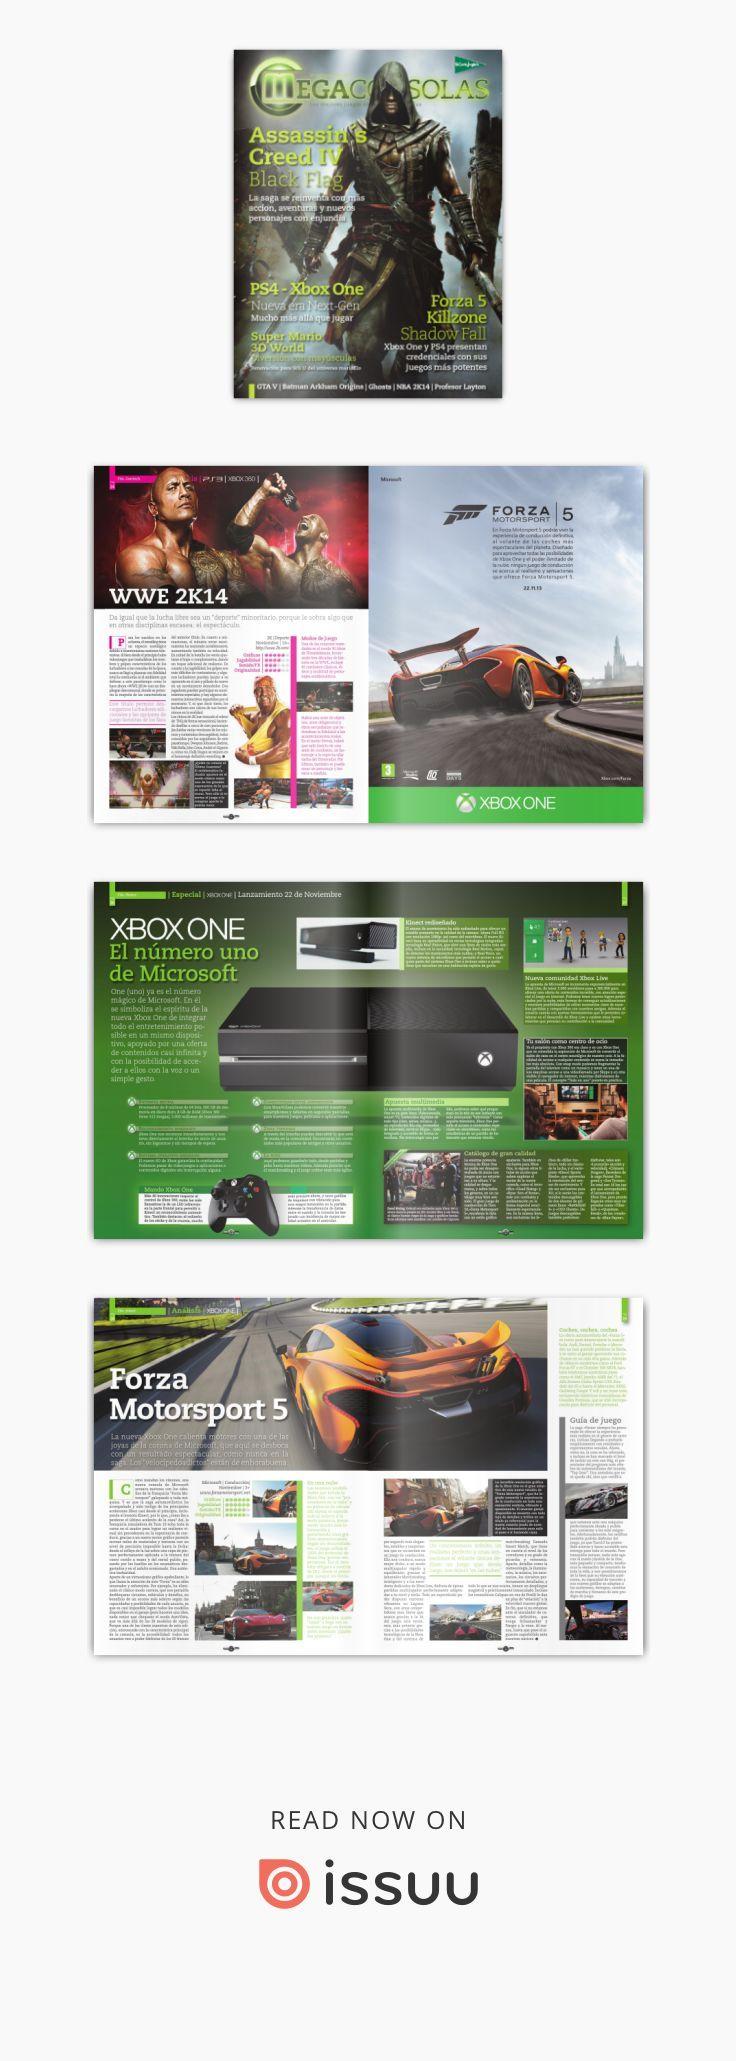 MEGACONSOLAS nº 110  Revista especializada en videojuegos y consolas distribuida en El Corte Ingles